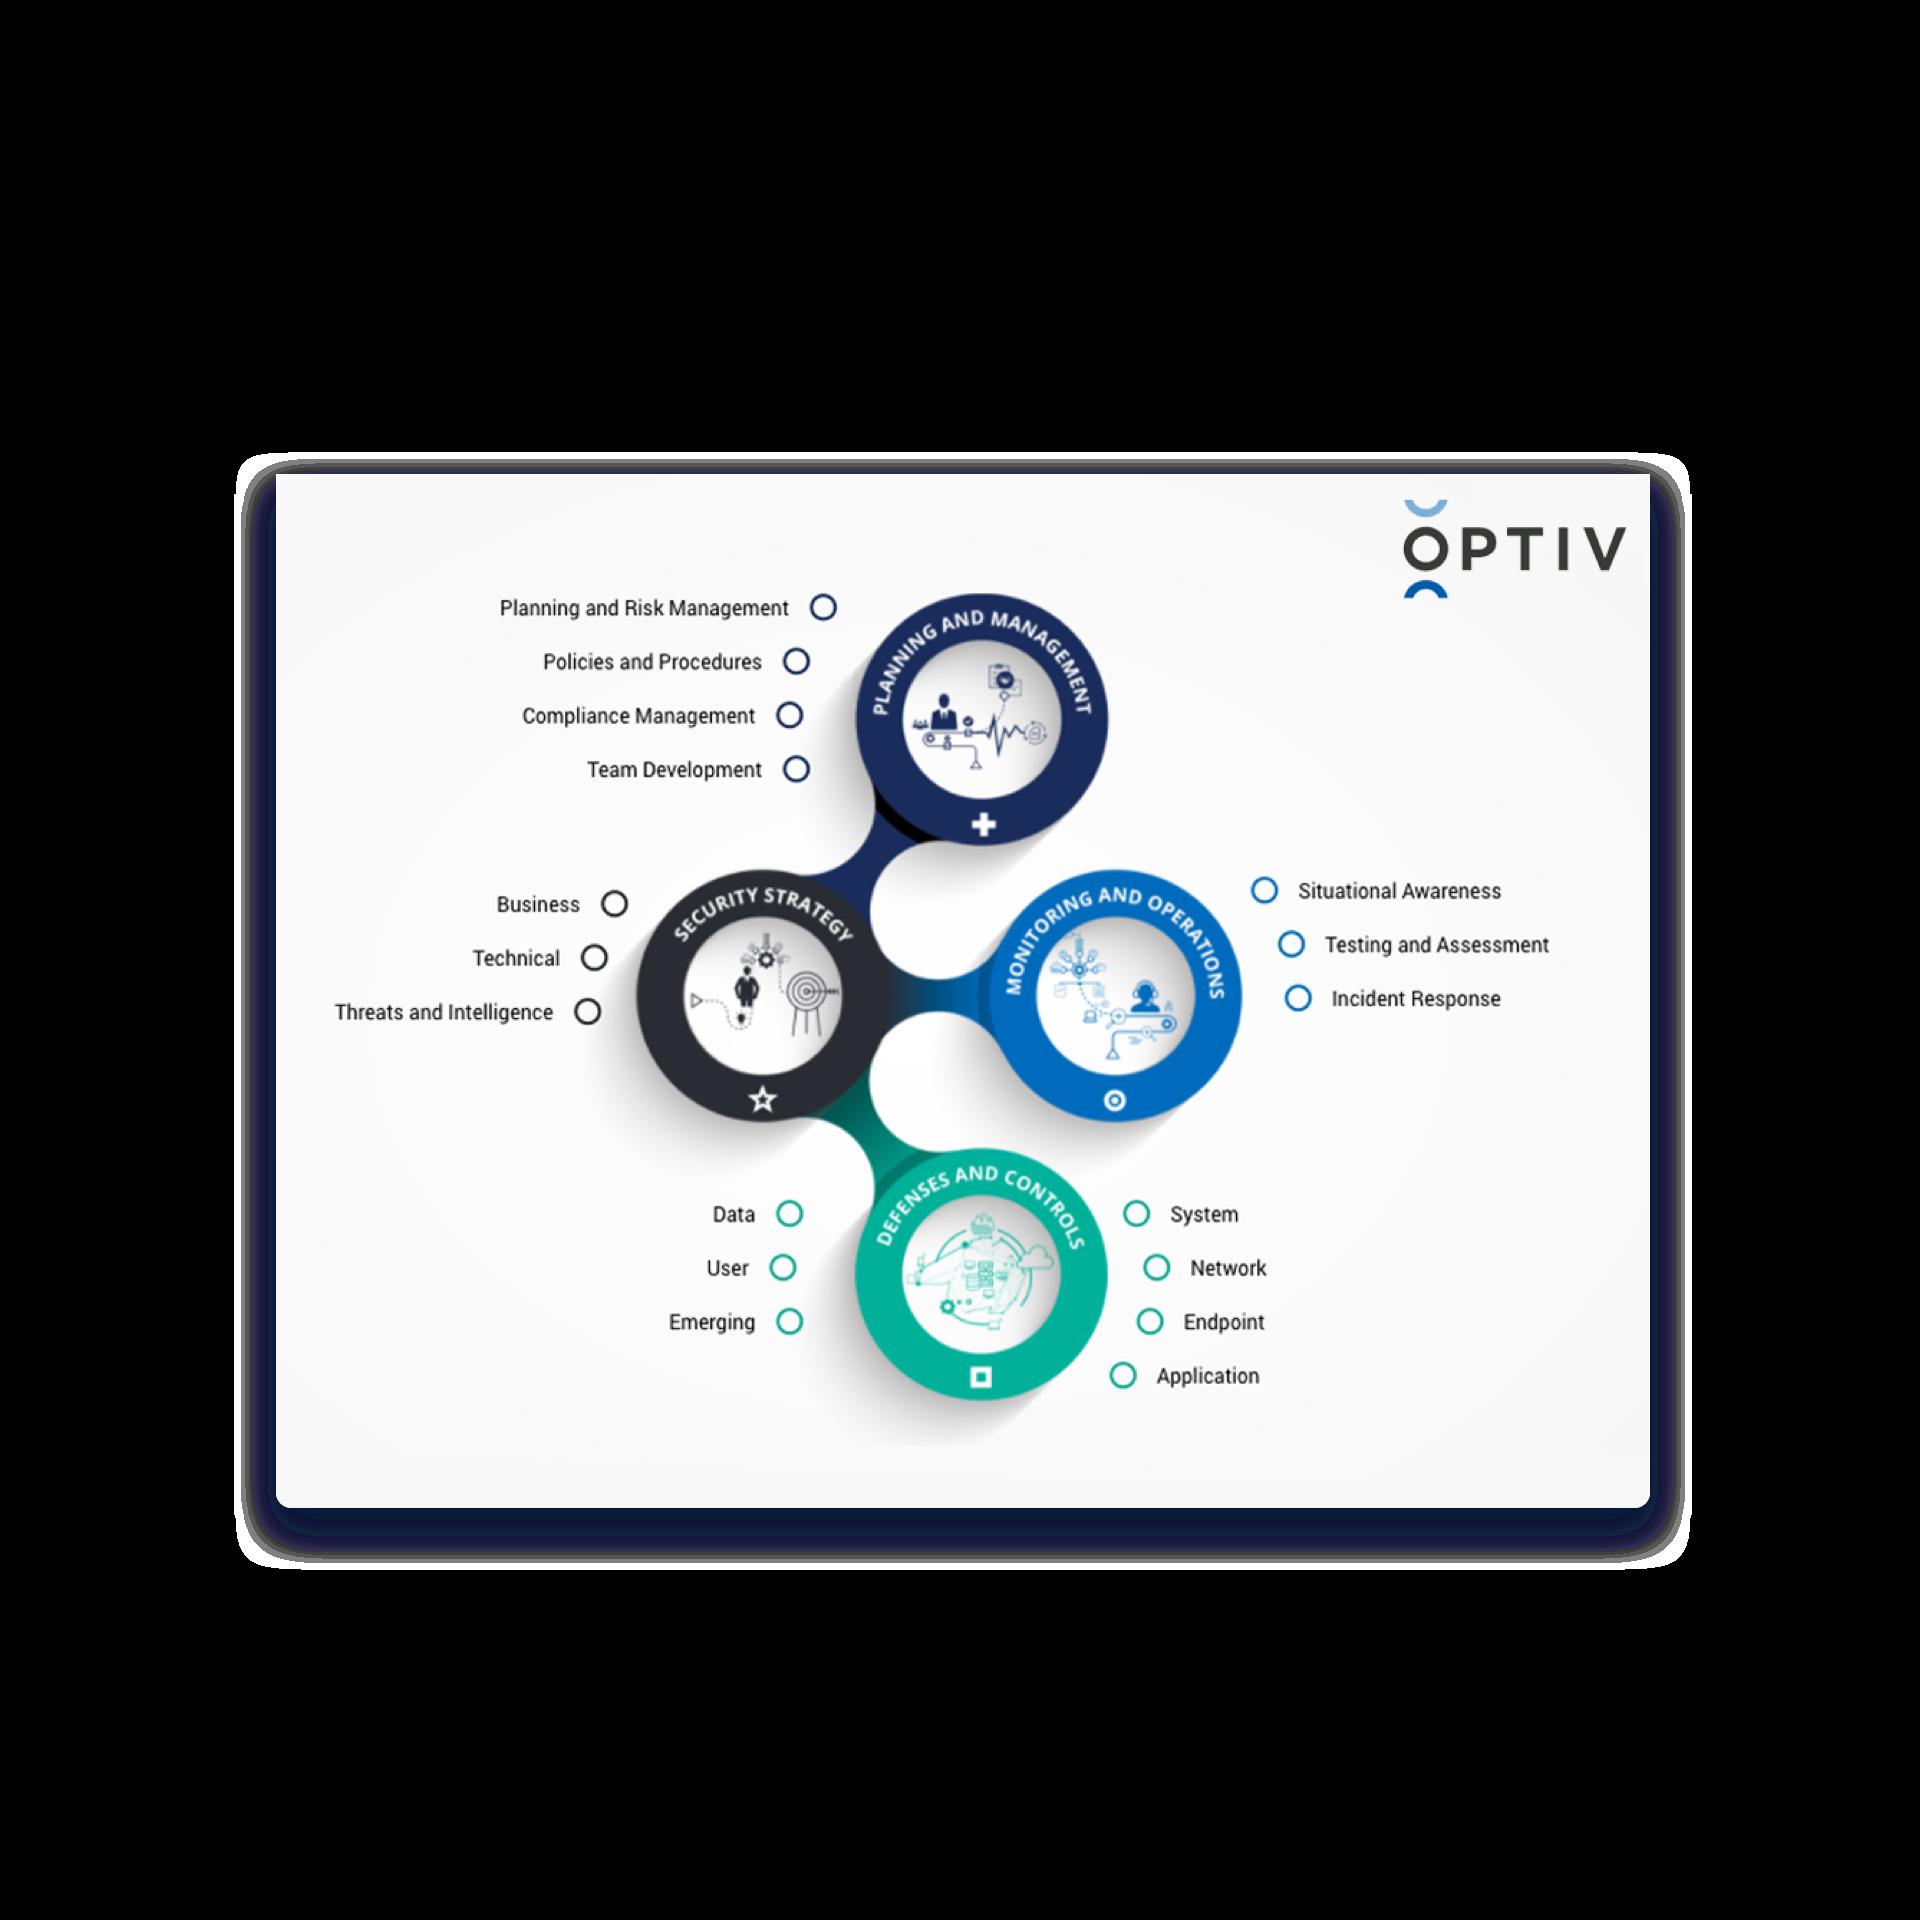 Optiv dynamic navigation Showpad Experience App